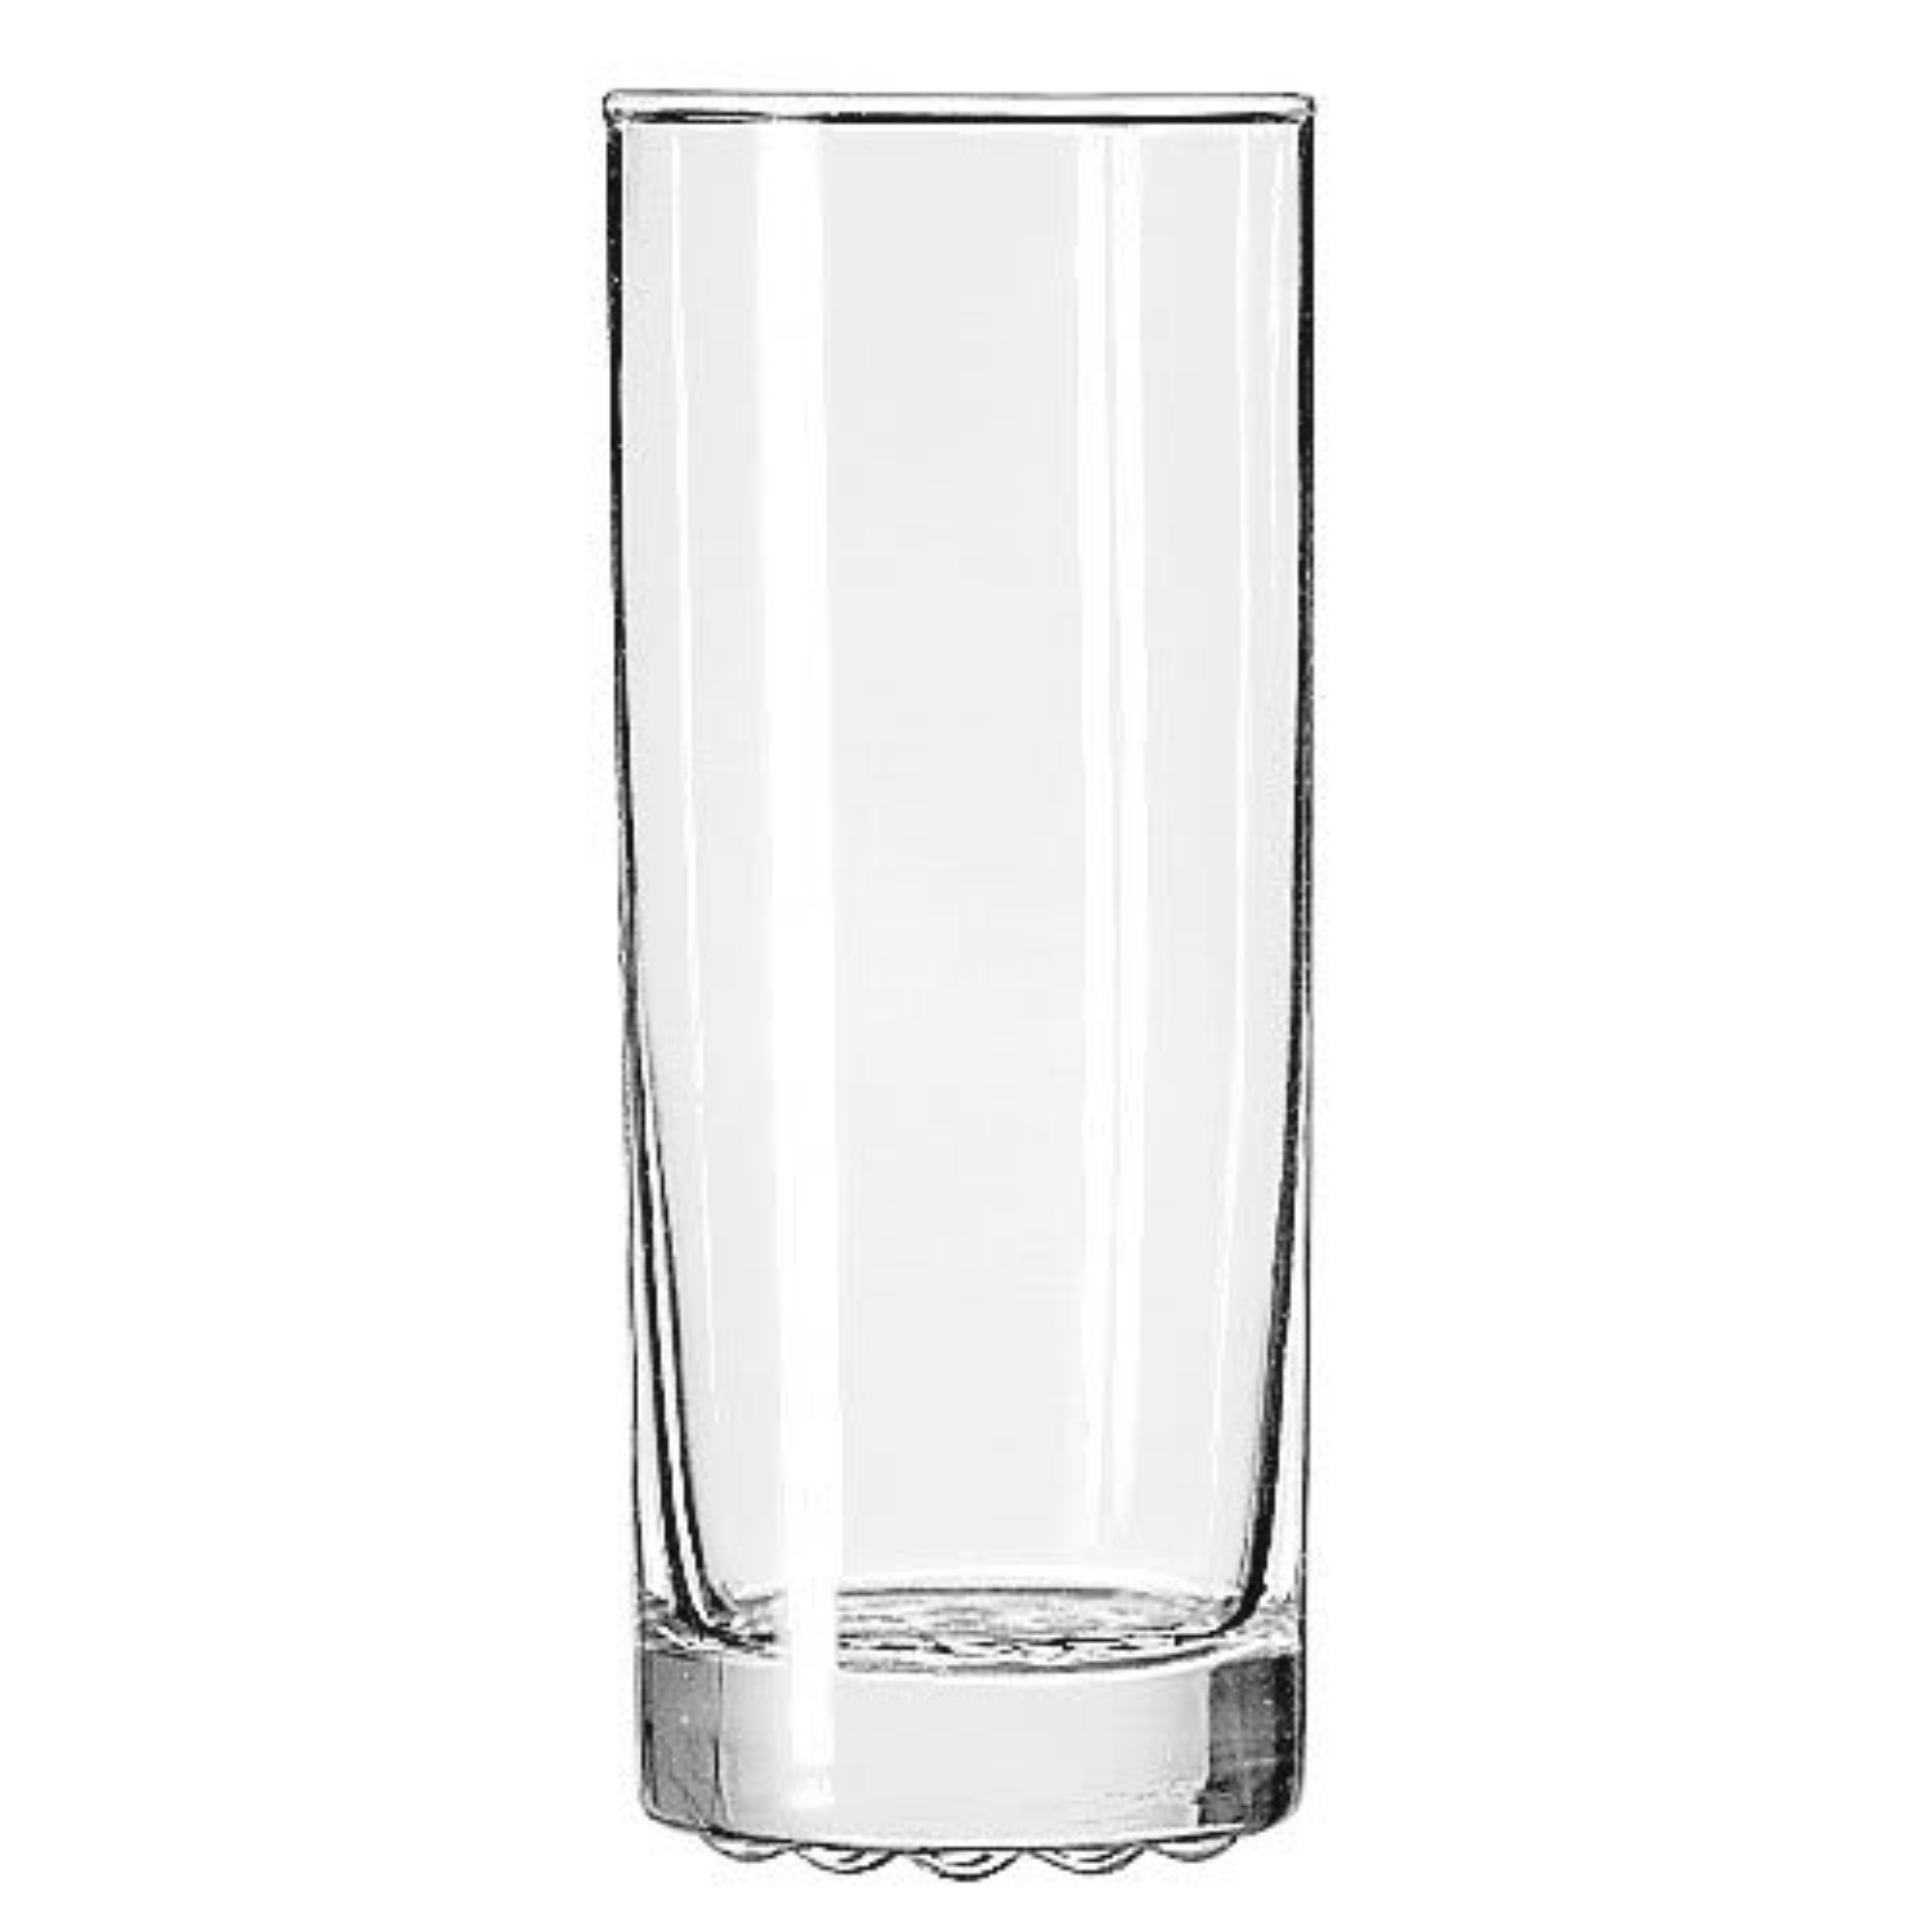 Libbey 23106 10.5-oz Nob Hill Hi-Ball Glass - Safedge Rim Guarantee